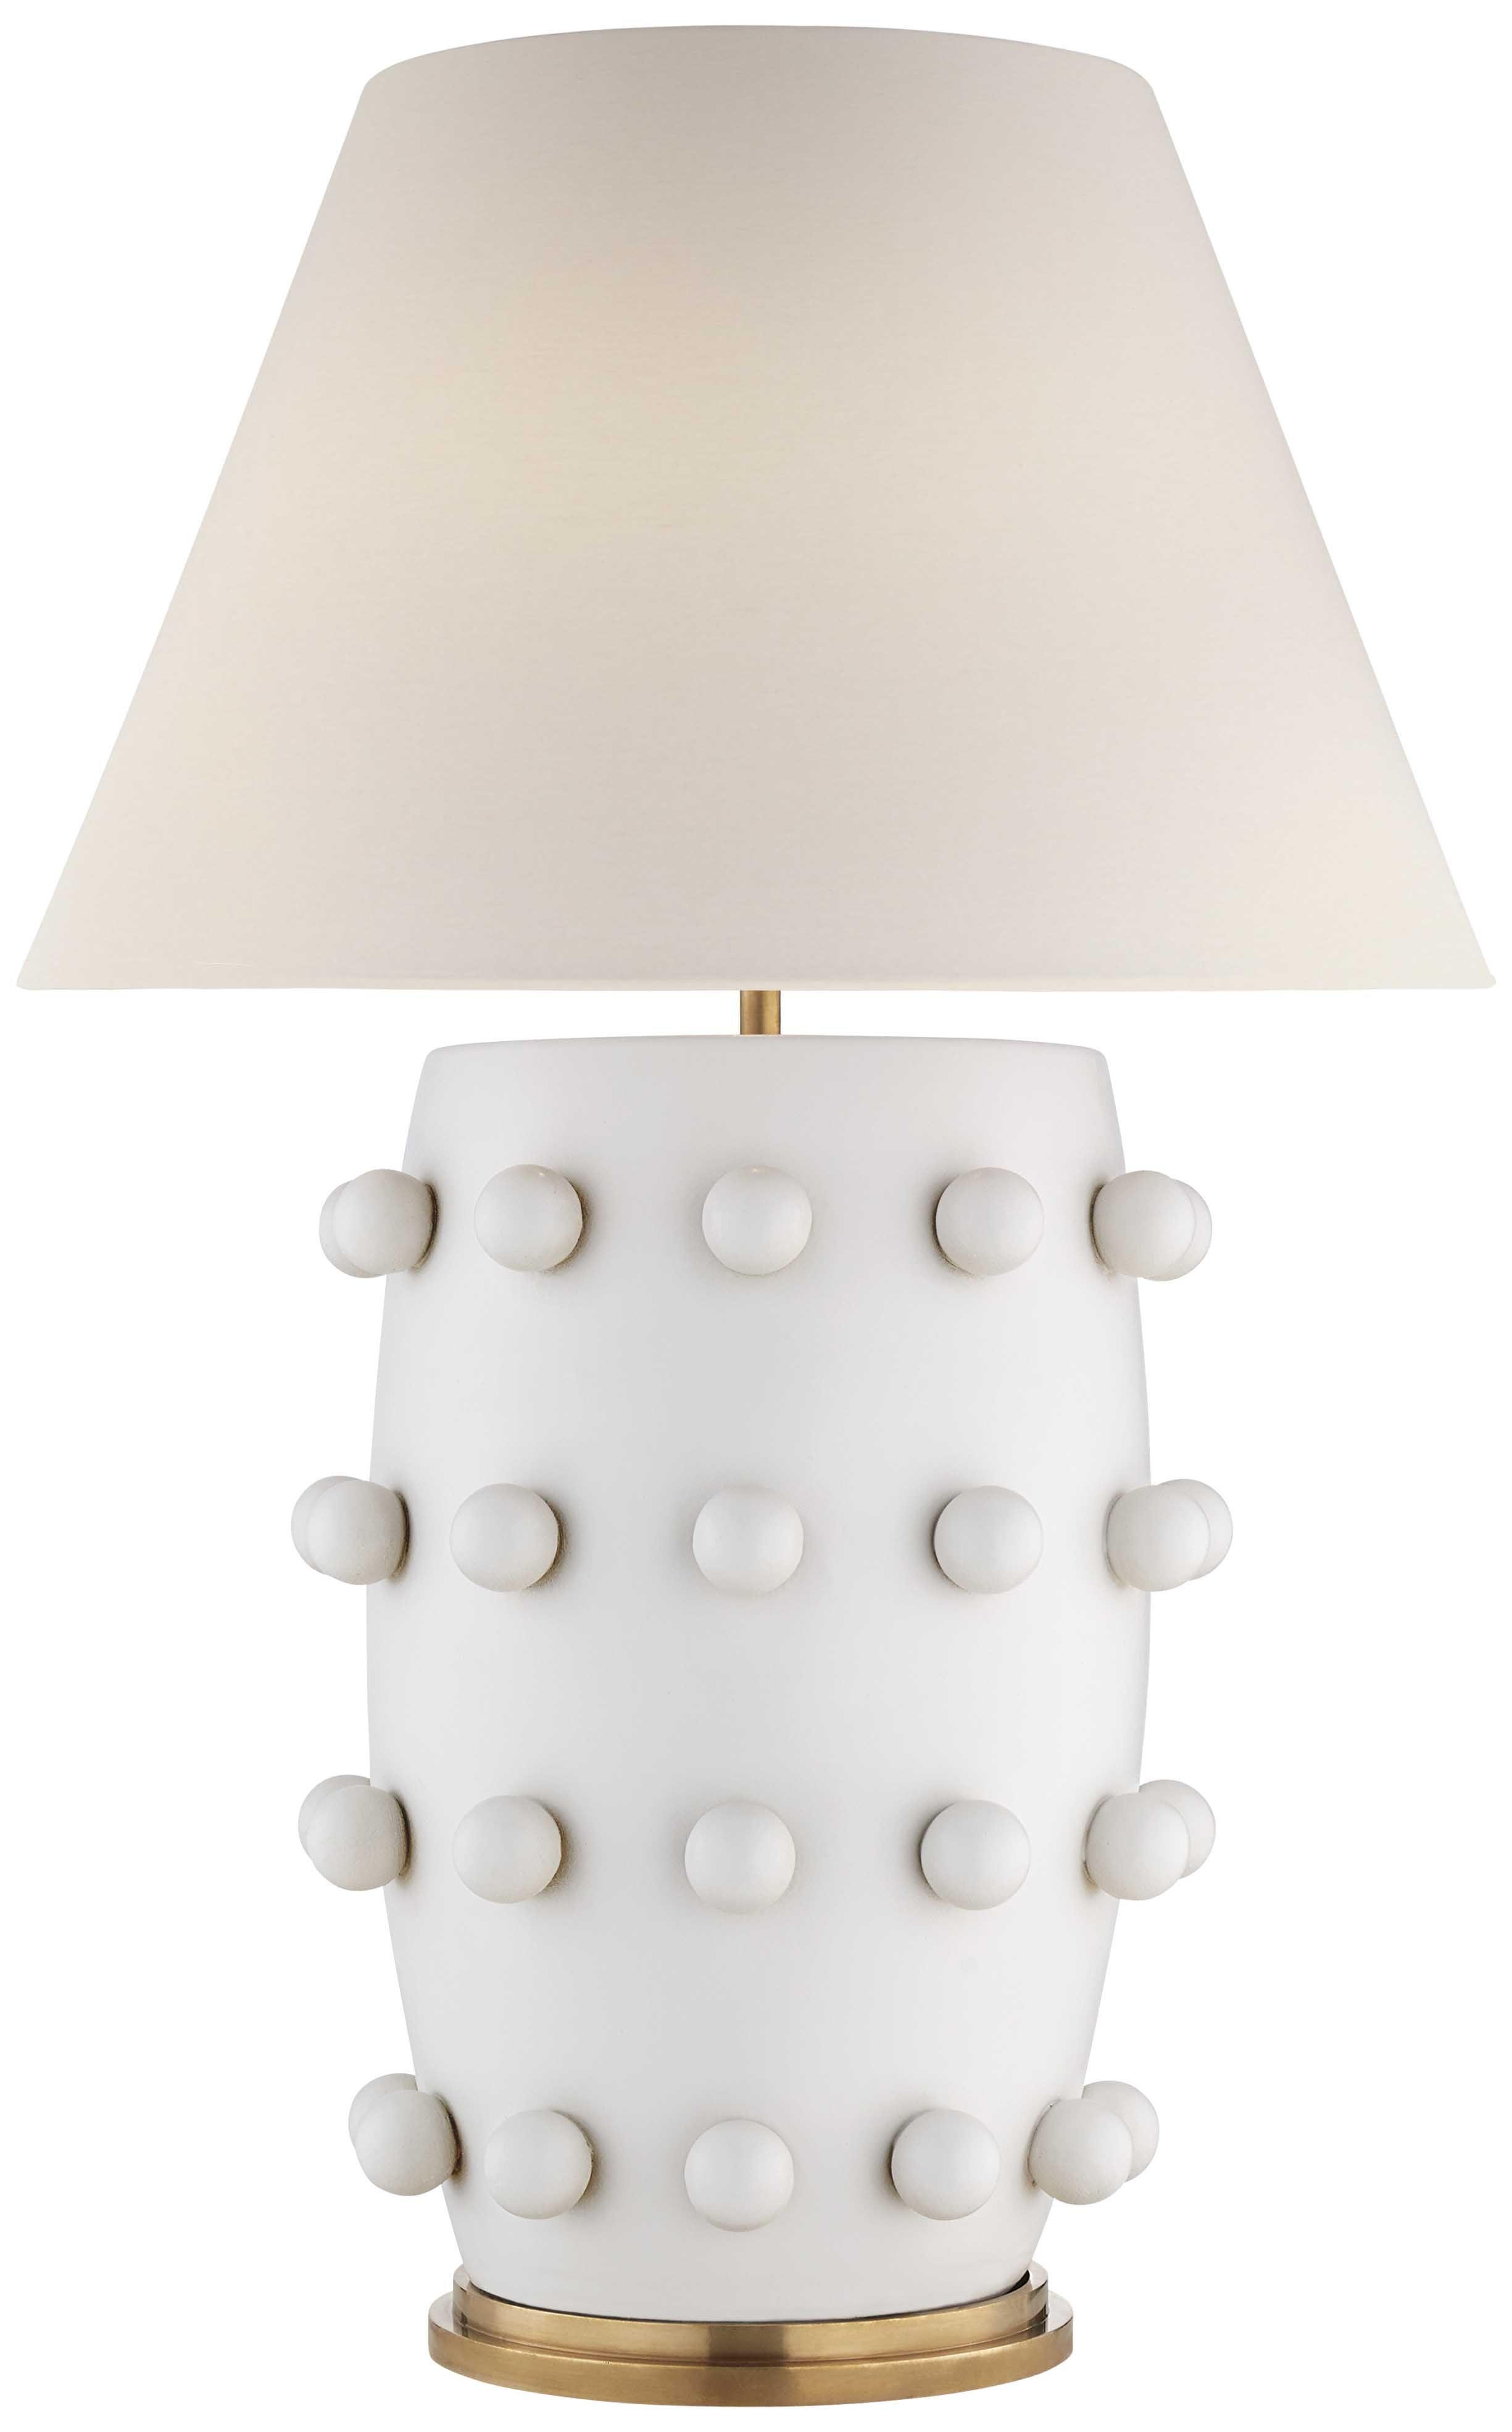 Kelly Wearstler Linden Table L& Plaster White - Gracious Home  sc 1 st  Pinterest & Pinterest